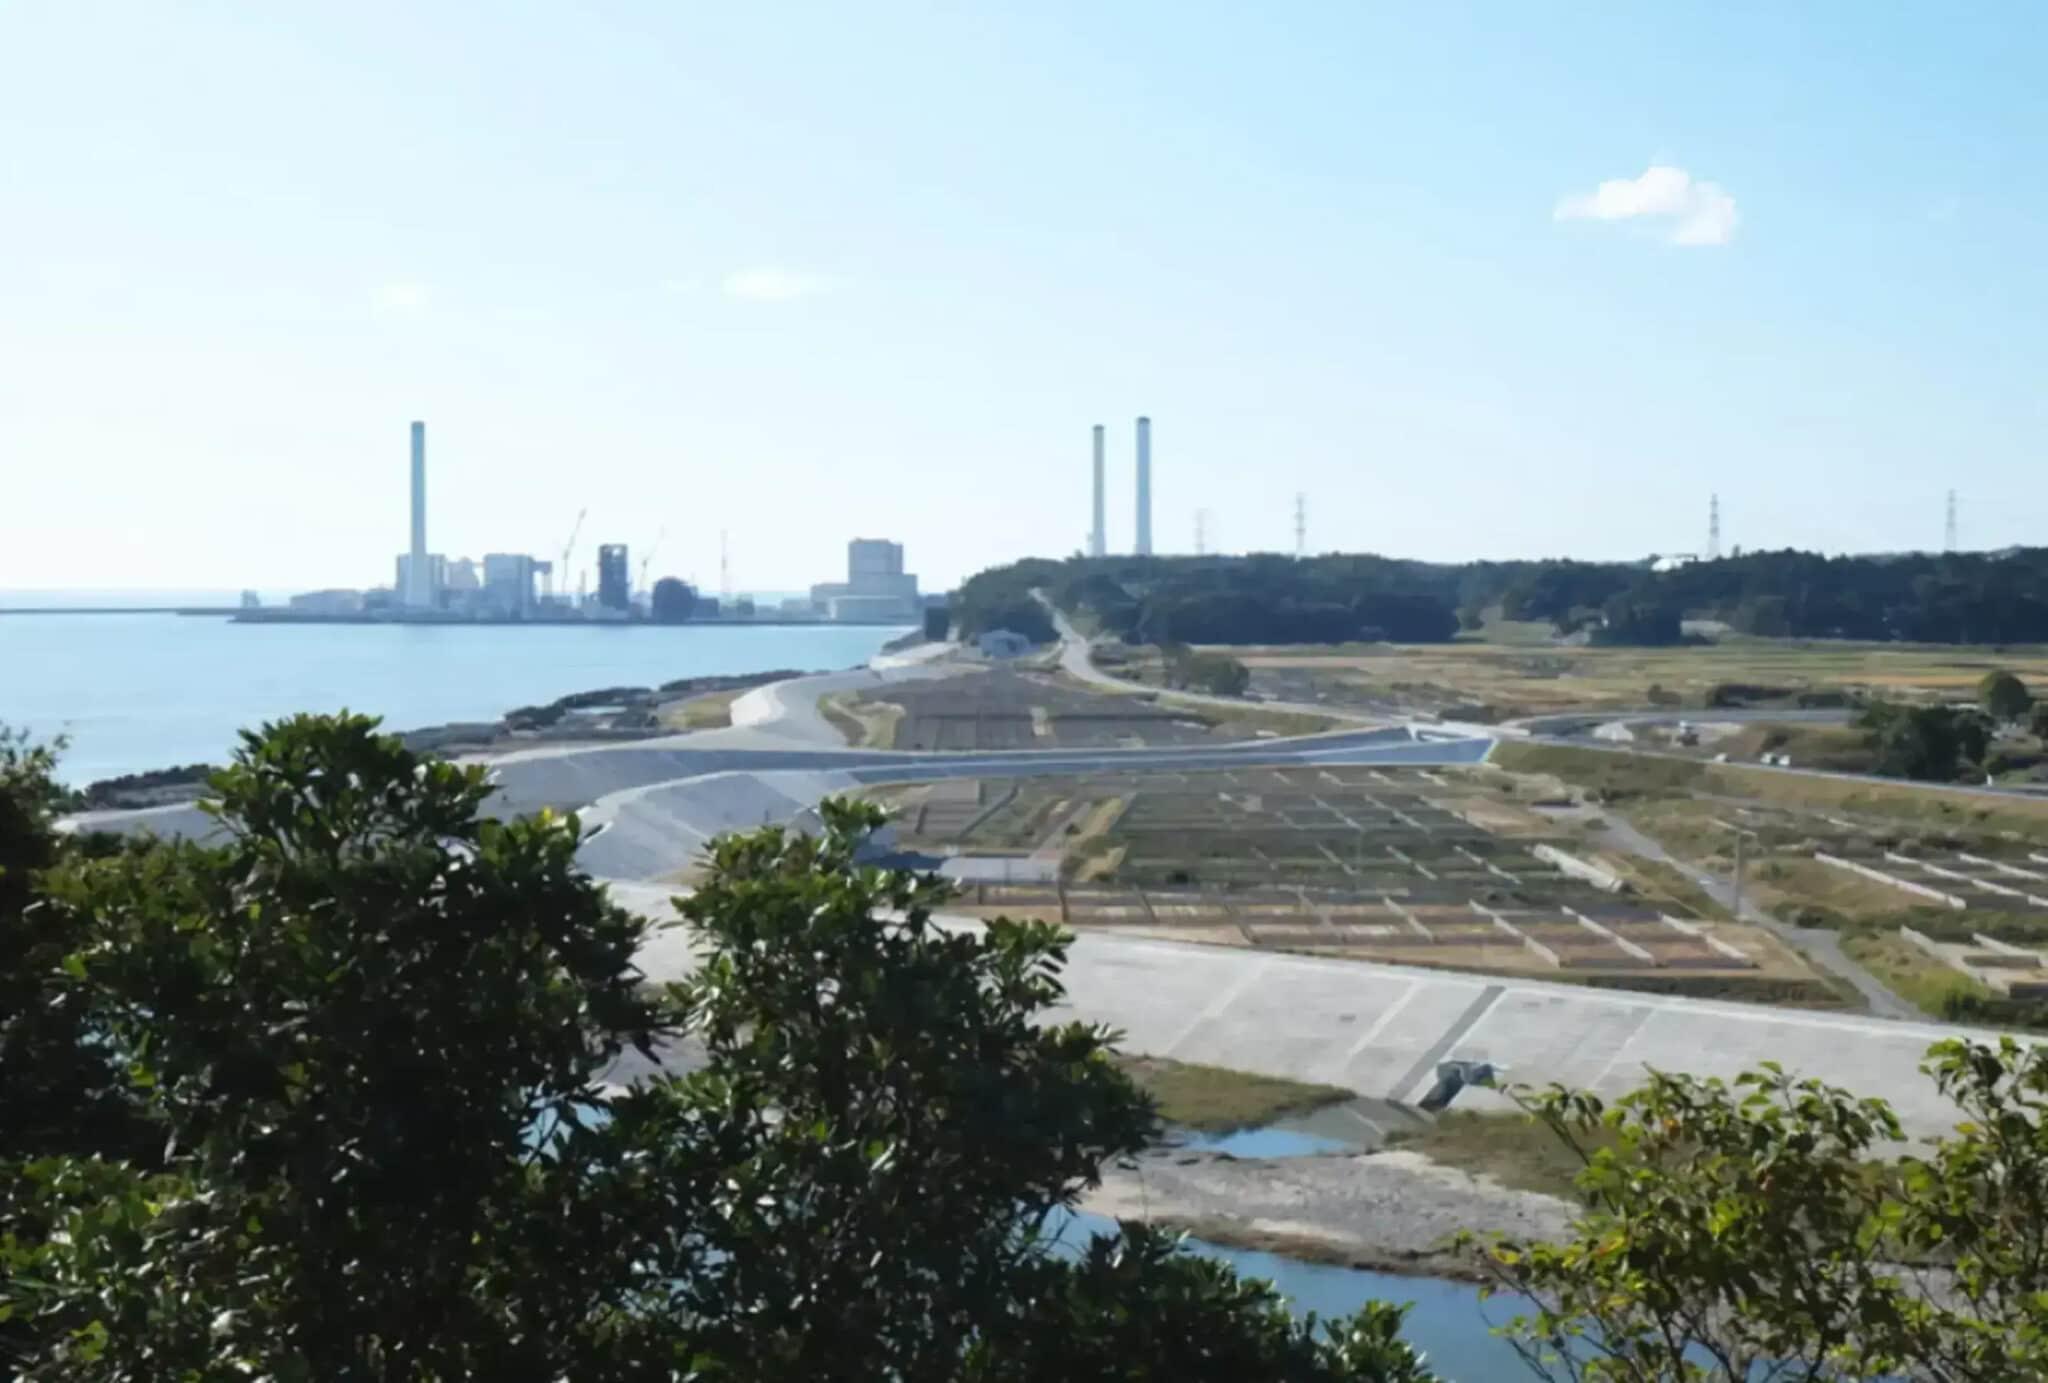 Fukushima, centrale, nucleare, terremoto, radioattività, Giappone, governo, oceano, acqua, rilascio, pericolo, rischi, sicurezza, trizio, contaminazione, reattori, stoccaggio, Energy Close-up Engineering